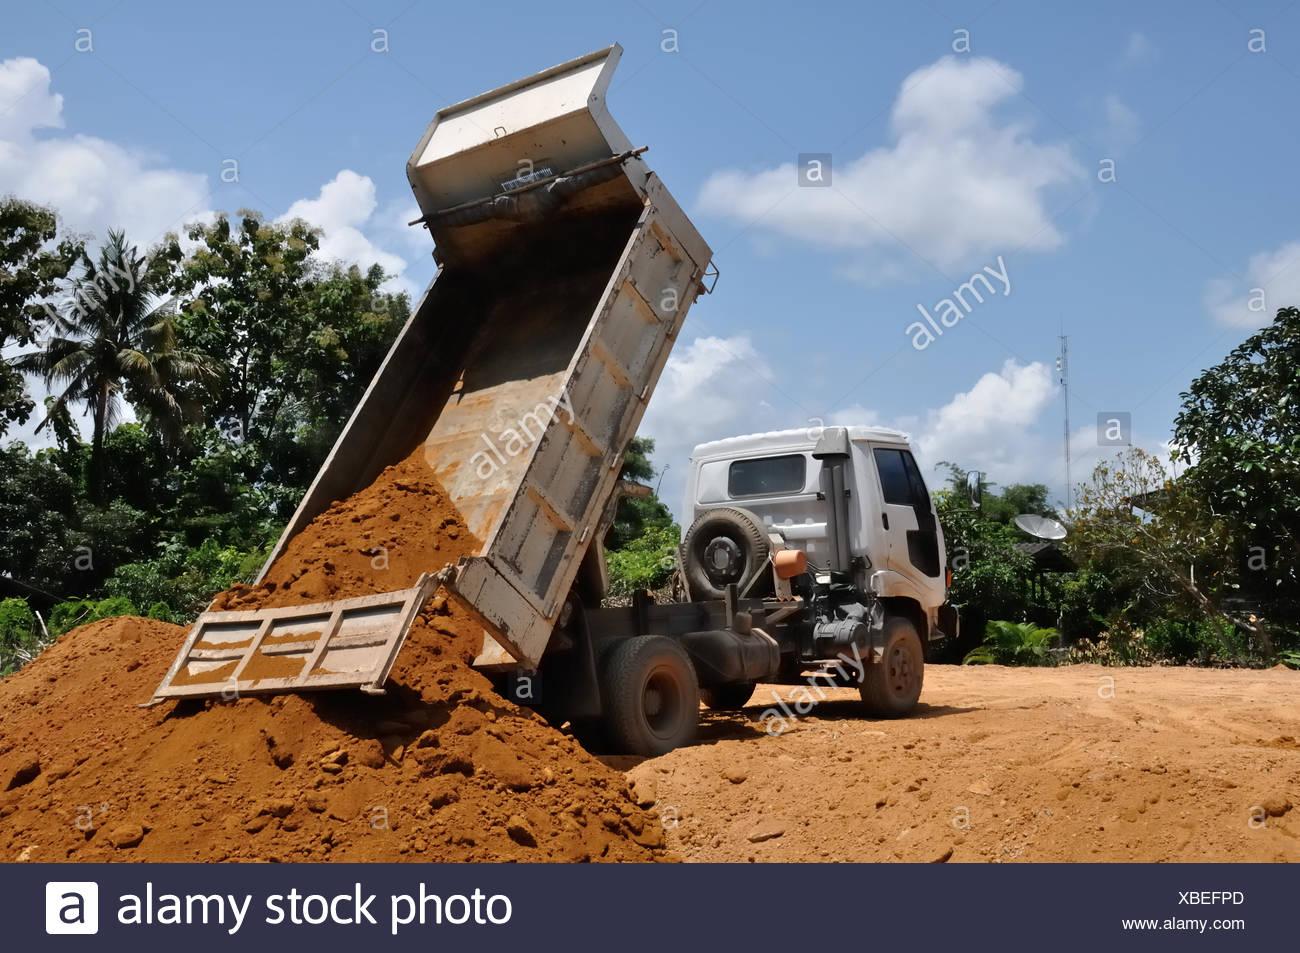 White dump truck dumping soil in my home ground. - Stock Image